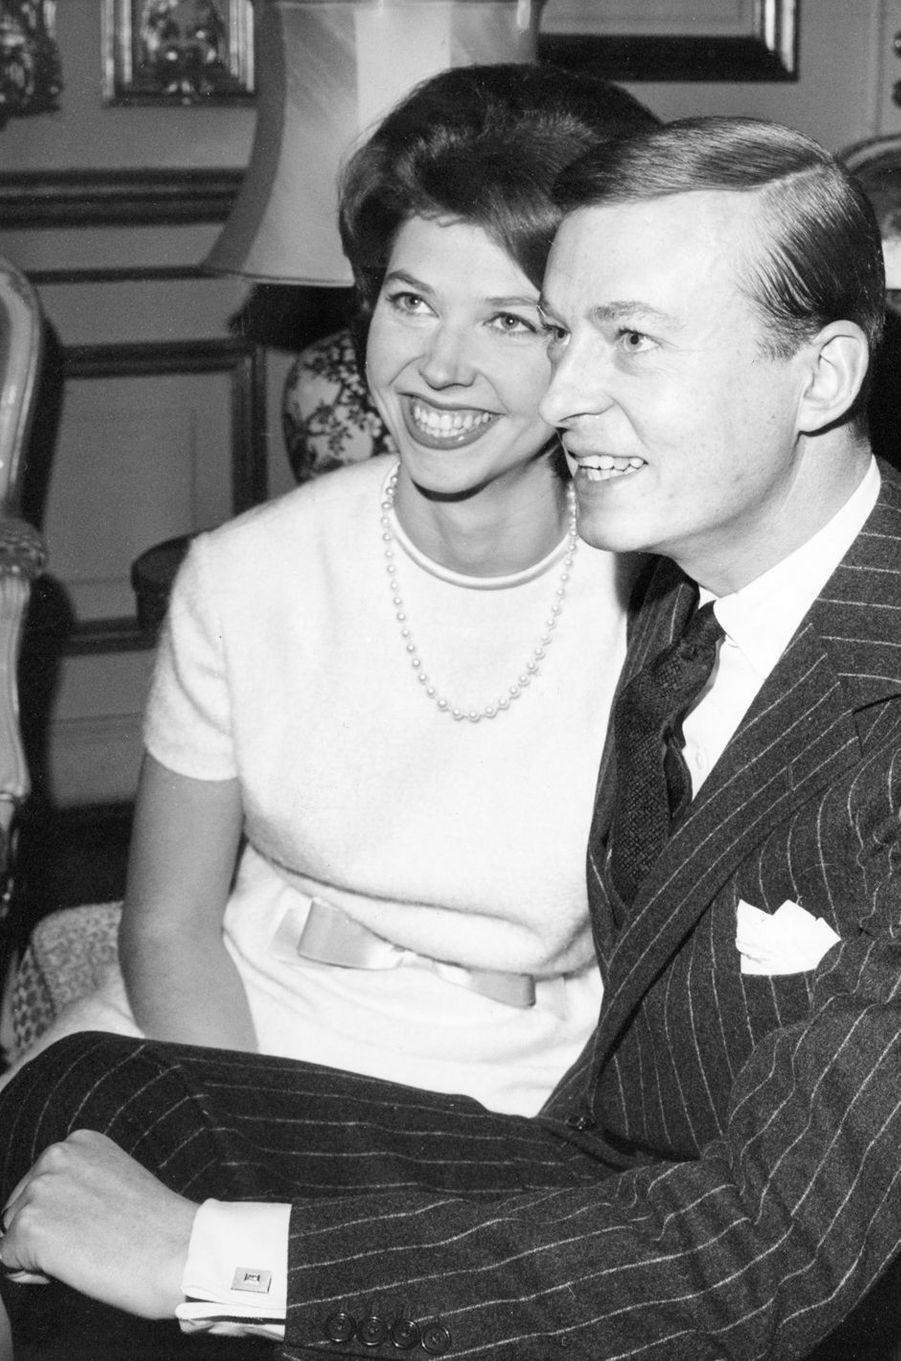 La princesse Désirée de Suède et le baron Niclas Silfverschiöld lors de leurs fiançailles, le 19 décembre 1963